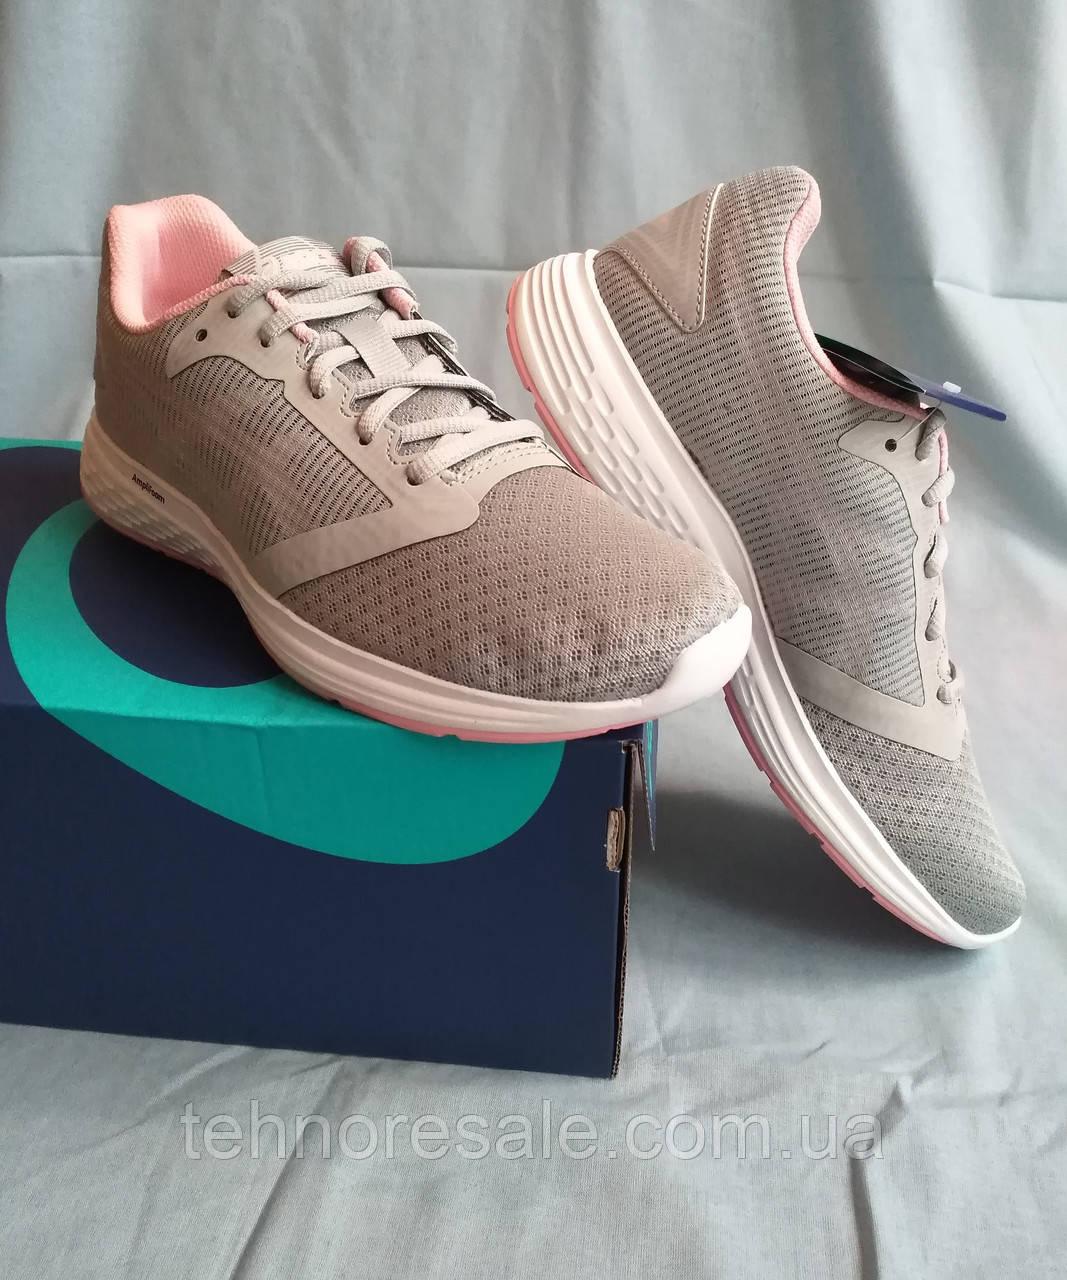 Беговые женские кроссовки ASICS Patriot 10, ОРИГИНАЛ, размер 7,5 (37,5 - 24,5см)